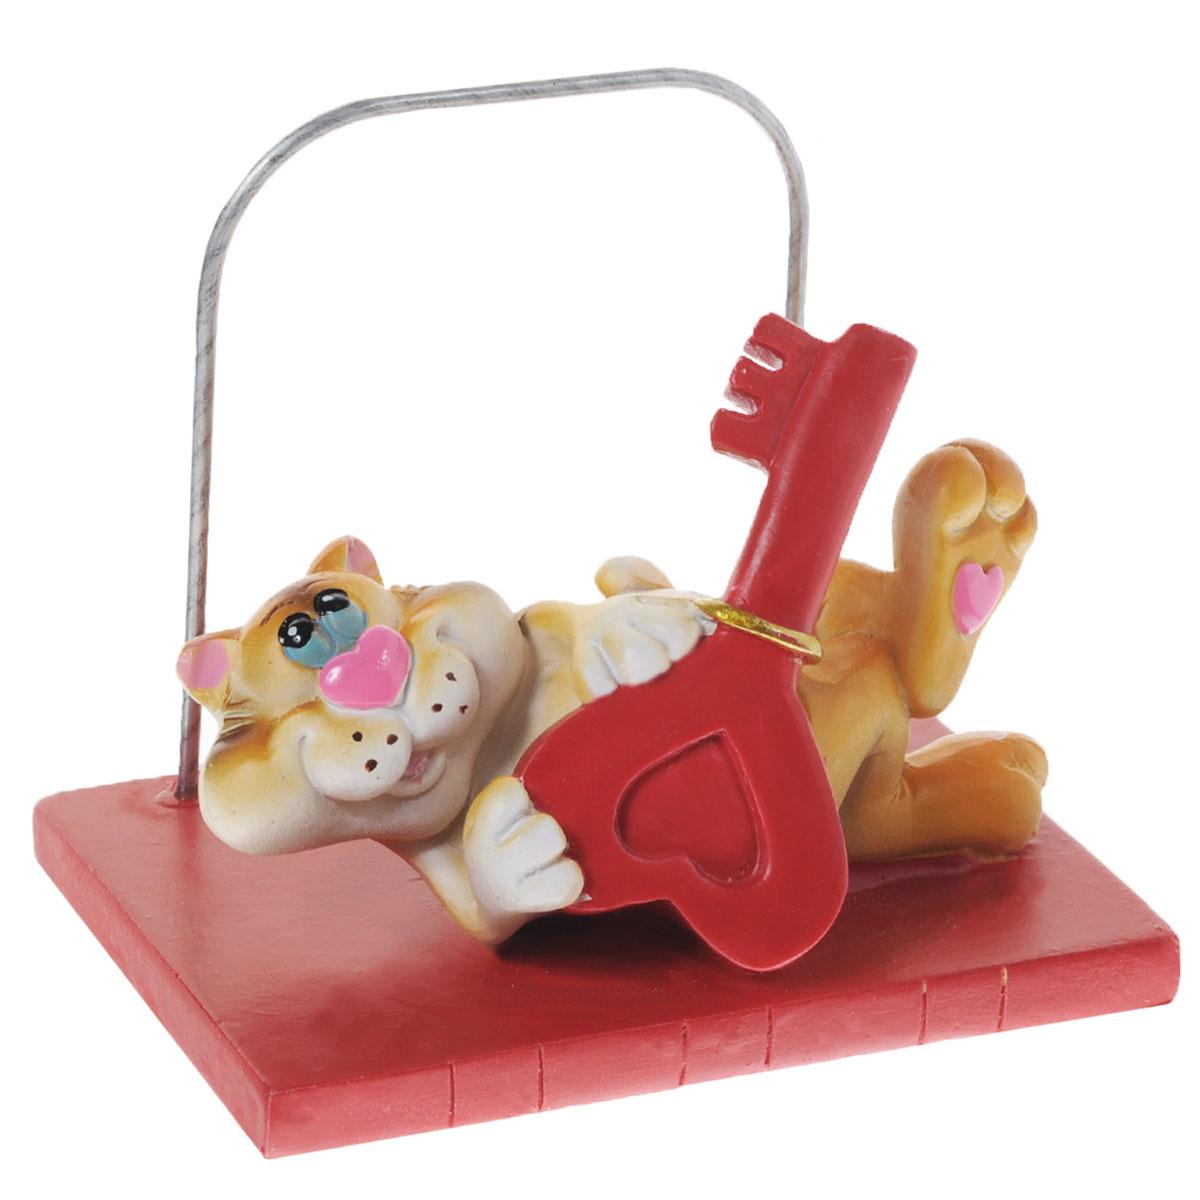 Статуэтка декоративная Home Queen Кот, с подставкой для телефона, цвет: красный, оранжевый64069Очаровательная статуэтка Home Queen Кот станет оригинальным подарком для всех любителей стильных вещей. Она выполнена из полирезины в виде кота с ключом и имеет удобную поставку под телефон. Изысканный сувенир станет прекрасным дополнением к интерьеру. Вы можете поставить статуэтку в любом месте, где она будет удачно смотреться, и радовать глаз.